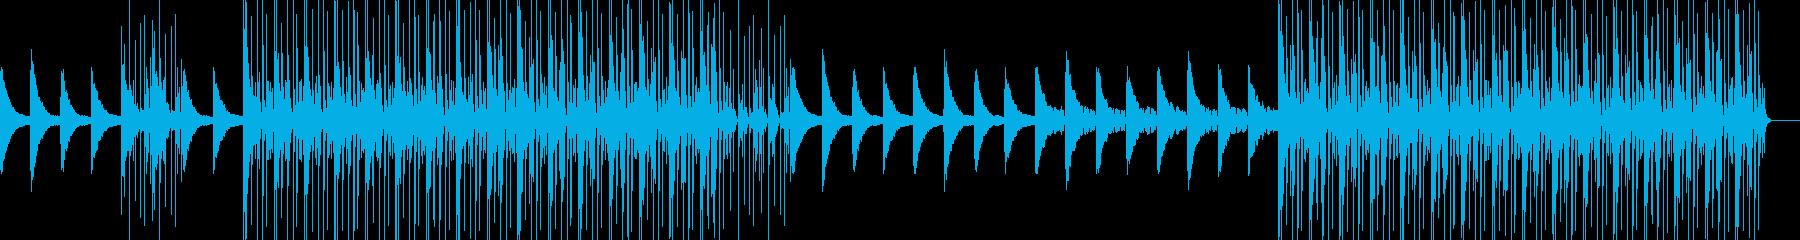 悲しげピアノ旋律の残響系テクノチルアウトの再生済みの波形